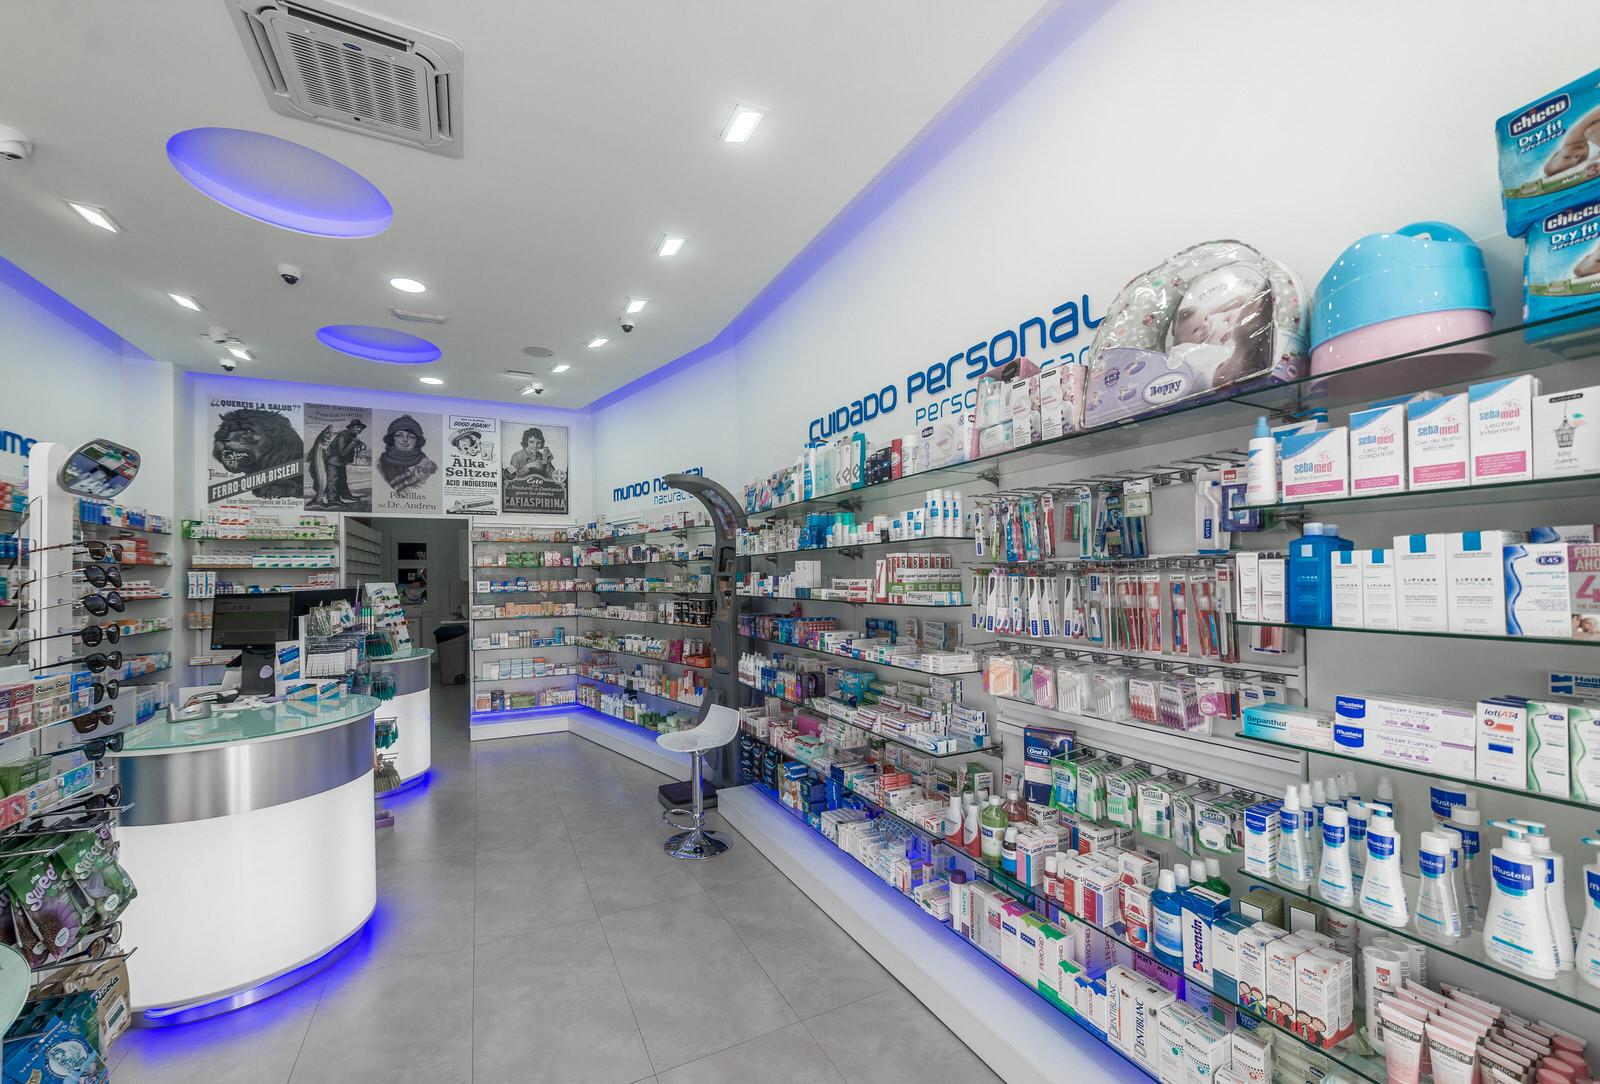 Farmacia Corralejo - Interior de nuestra farmacia